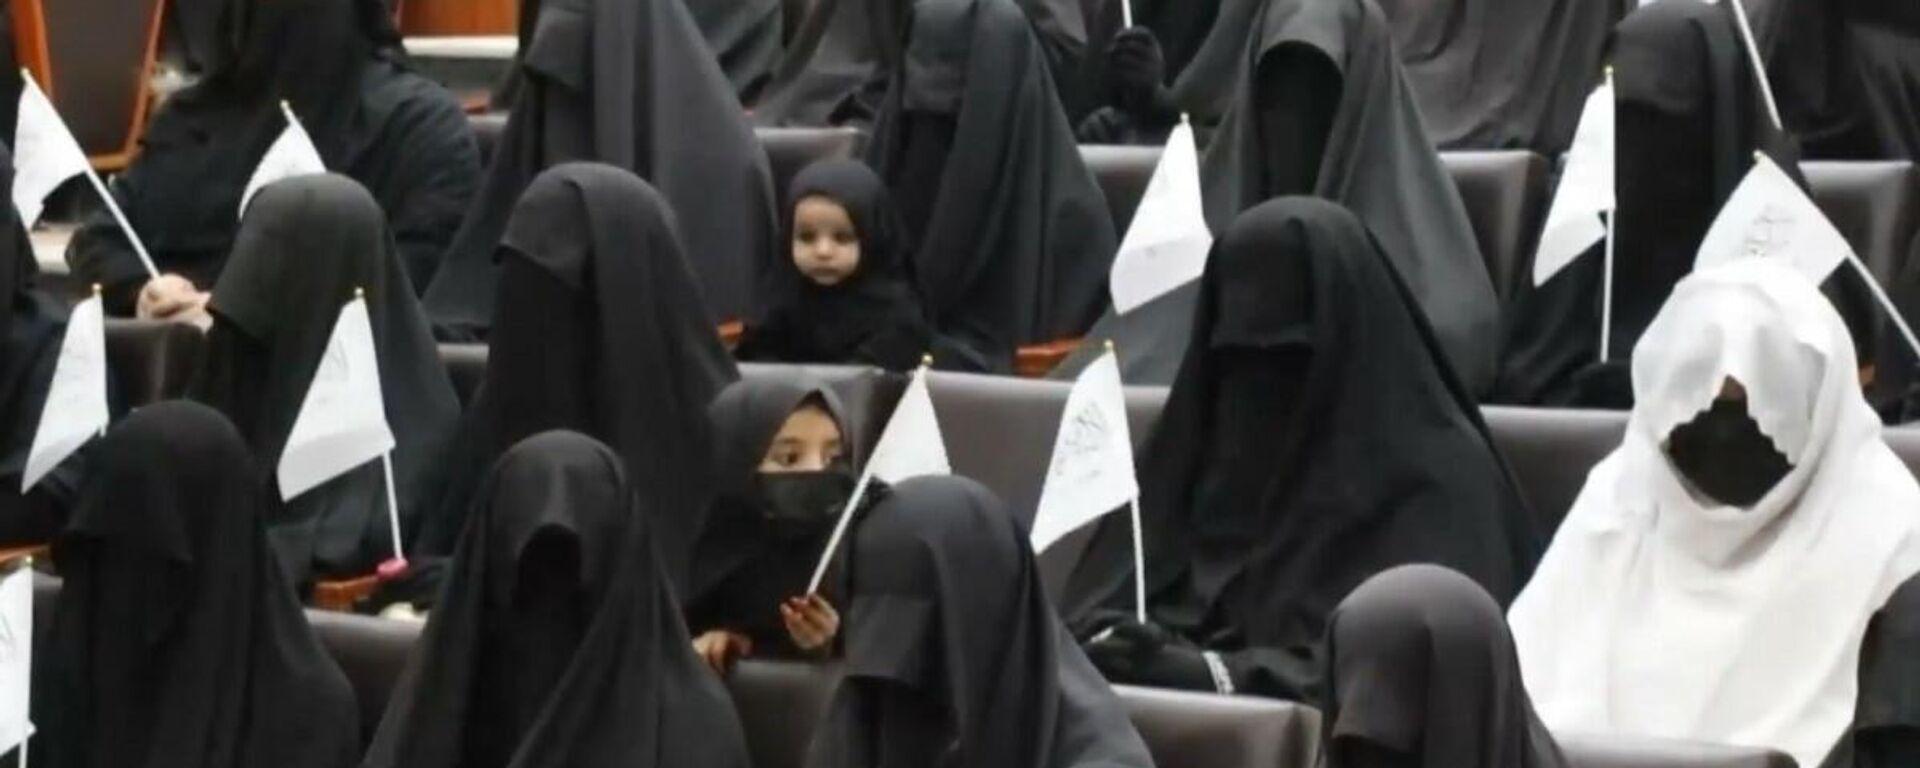 Afghanistan: le donne sostengono le politiche dei talebani all'università di Kabul - Sputnik Italia, 1920, 12.09.2021